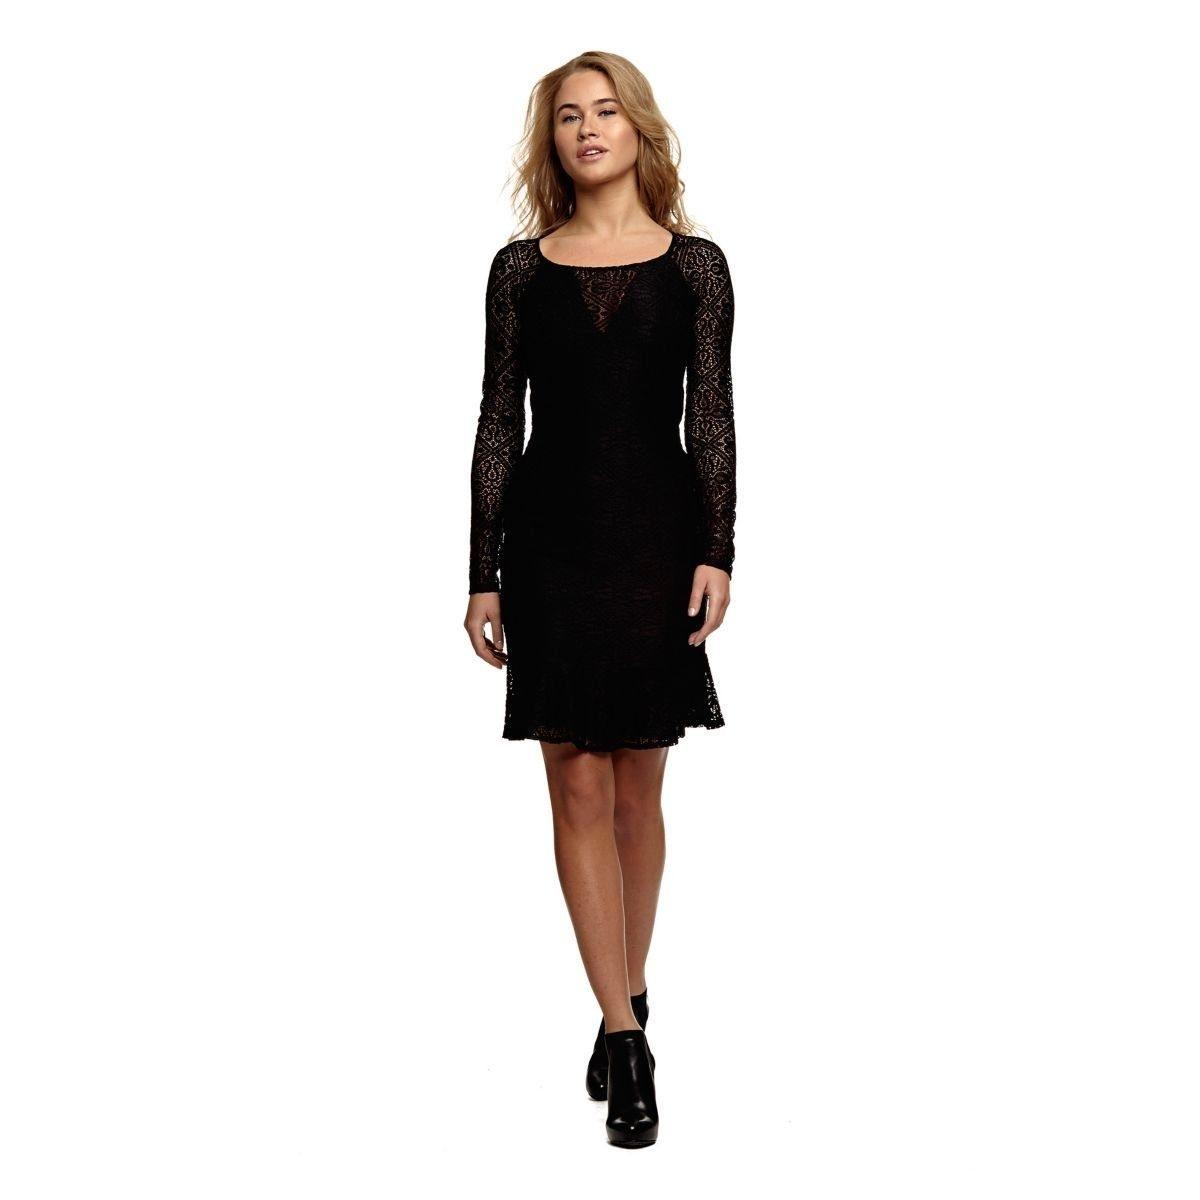 Formal Ausgezeichnet Damen Kleider Schwarz für 201913 Großartig Damen Kleider Schwarz Bester Preis